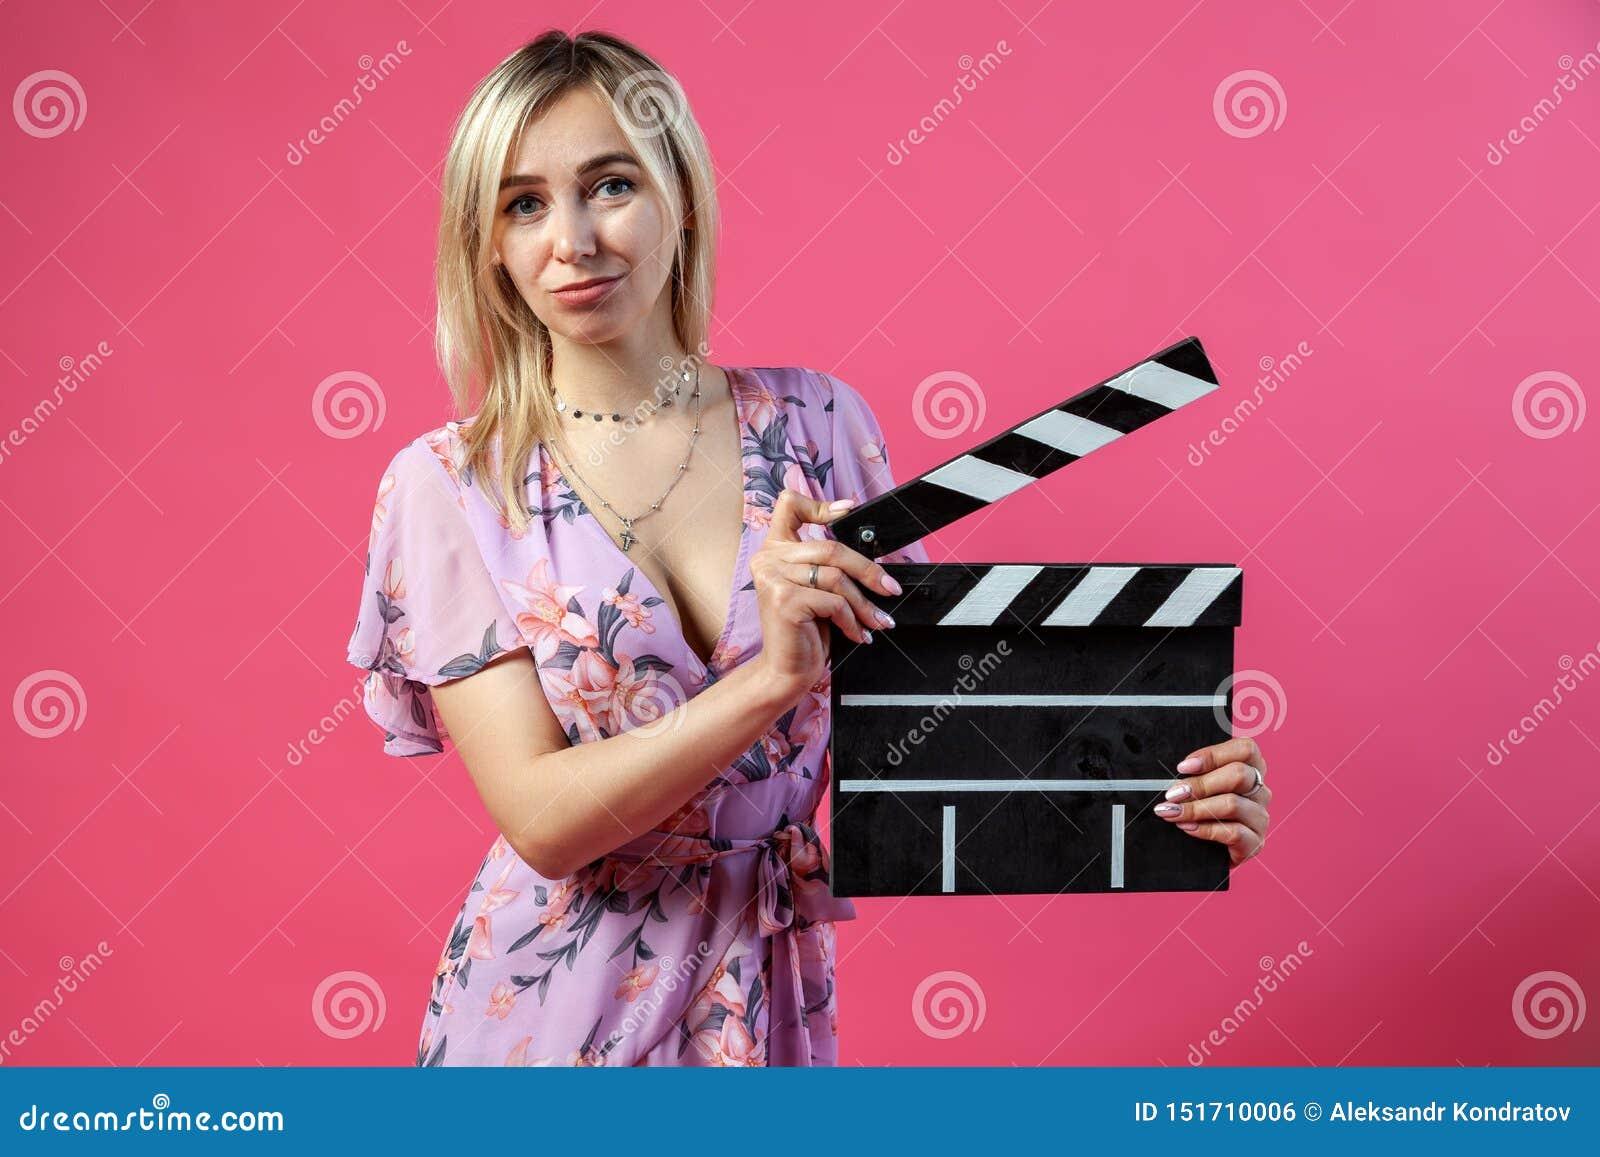 Красивая белокурая женщина в пурпурные sundress держит открытый кинорежиссер clapperboard в черноте с белыми нашивками для начала